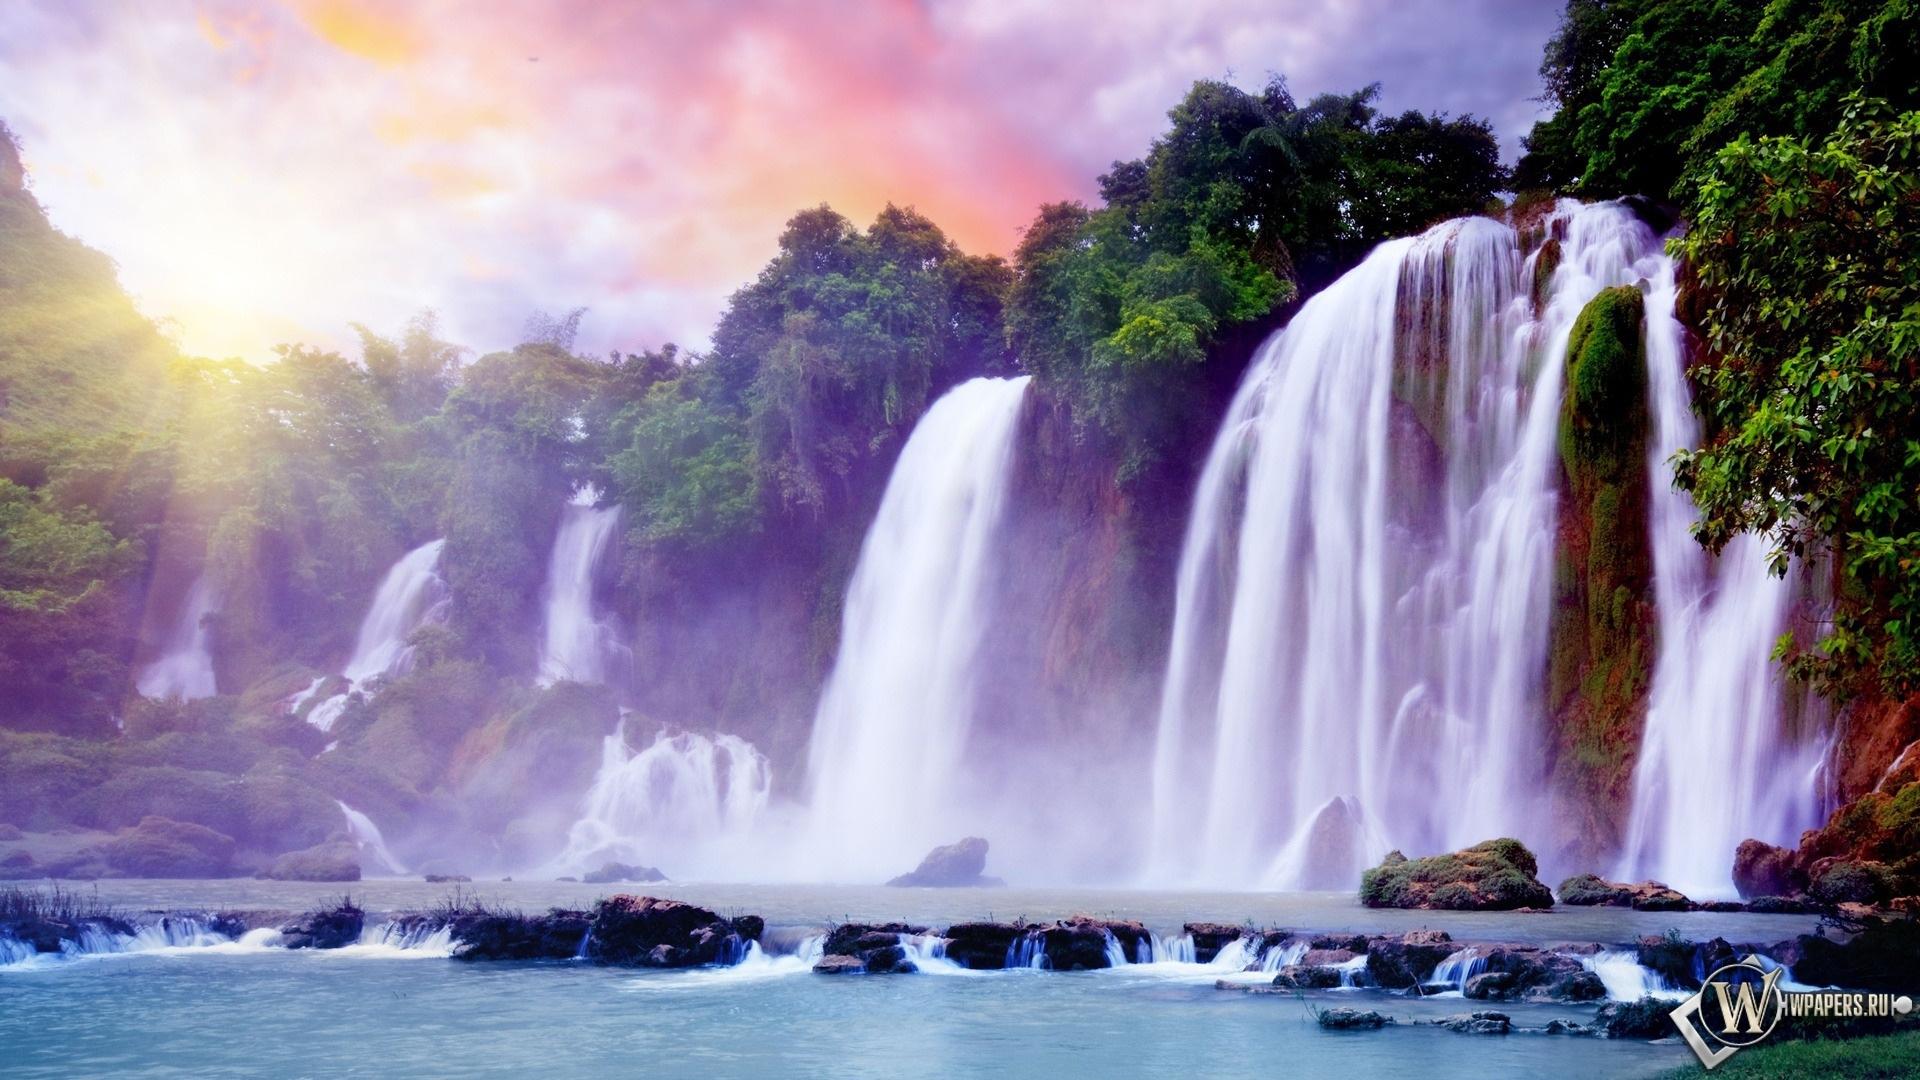 Сказочный водопад 1920x1080